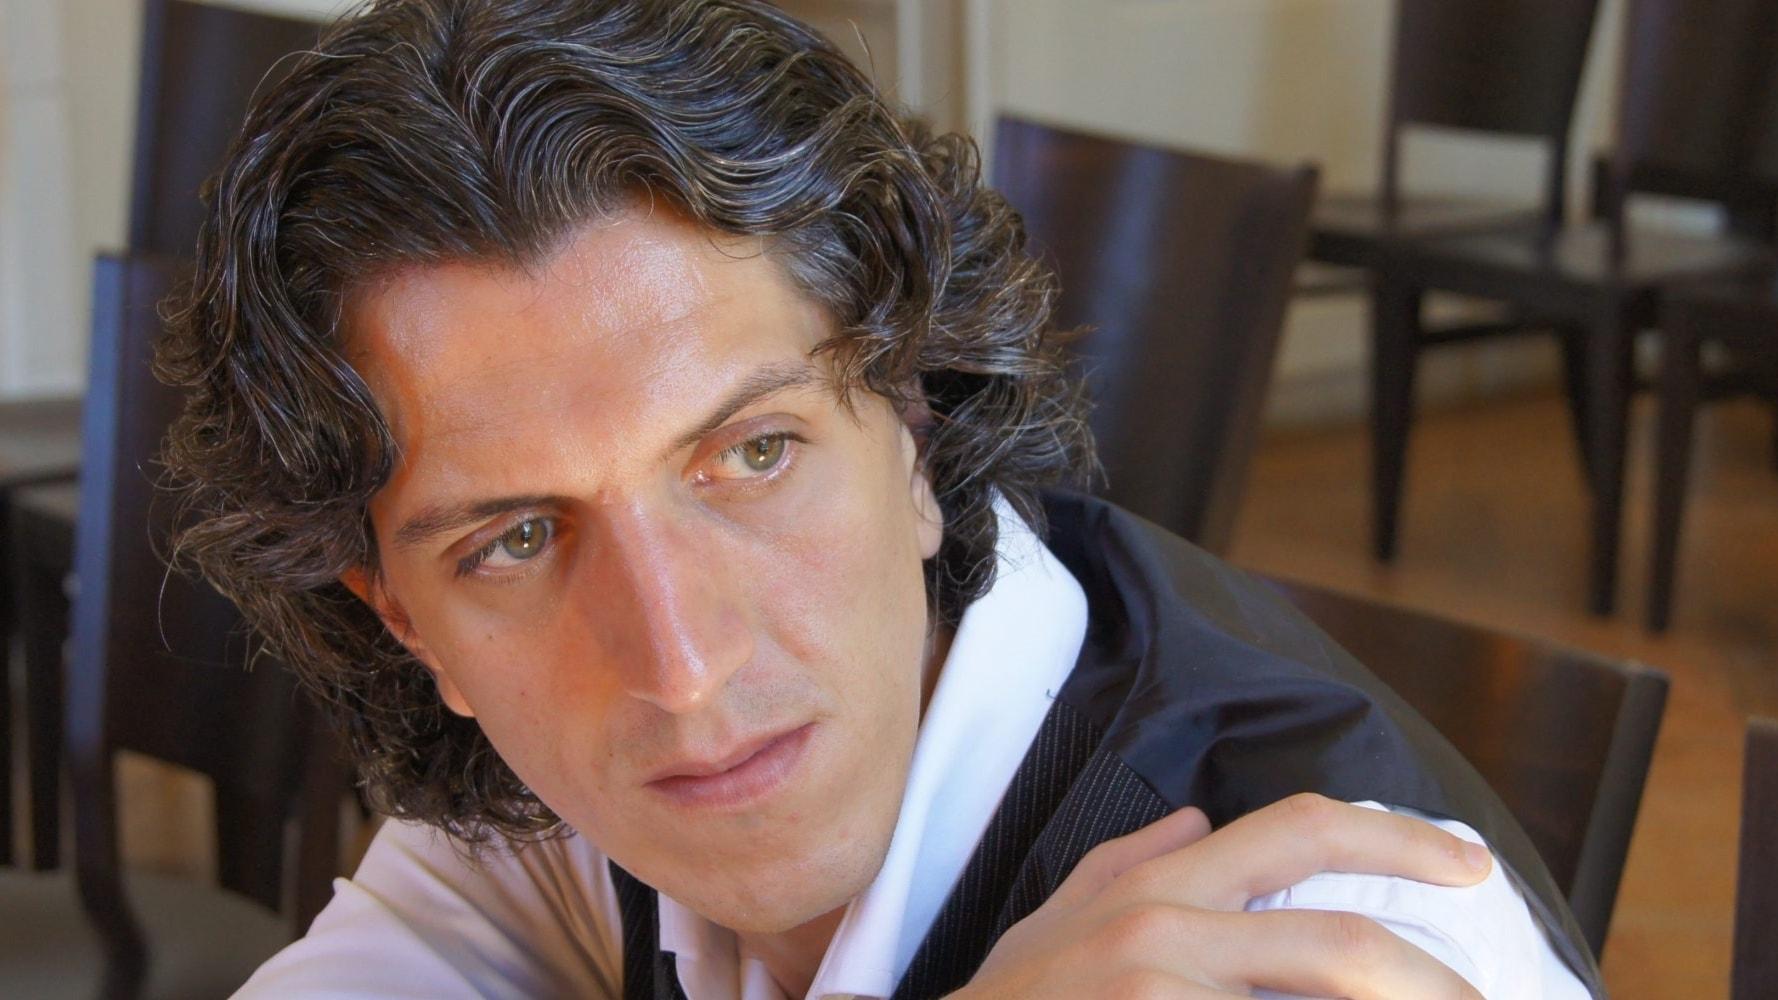 KONSERT: Pianoafton med Vittorio Forte